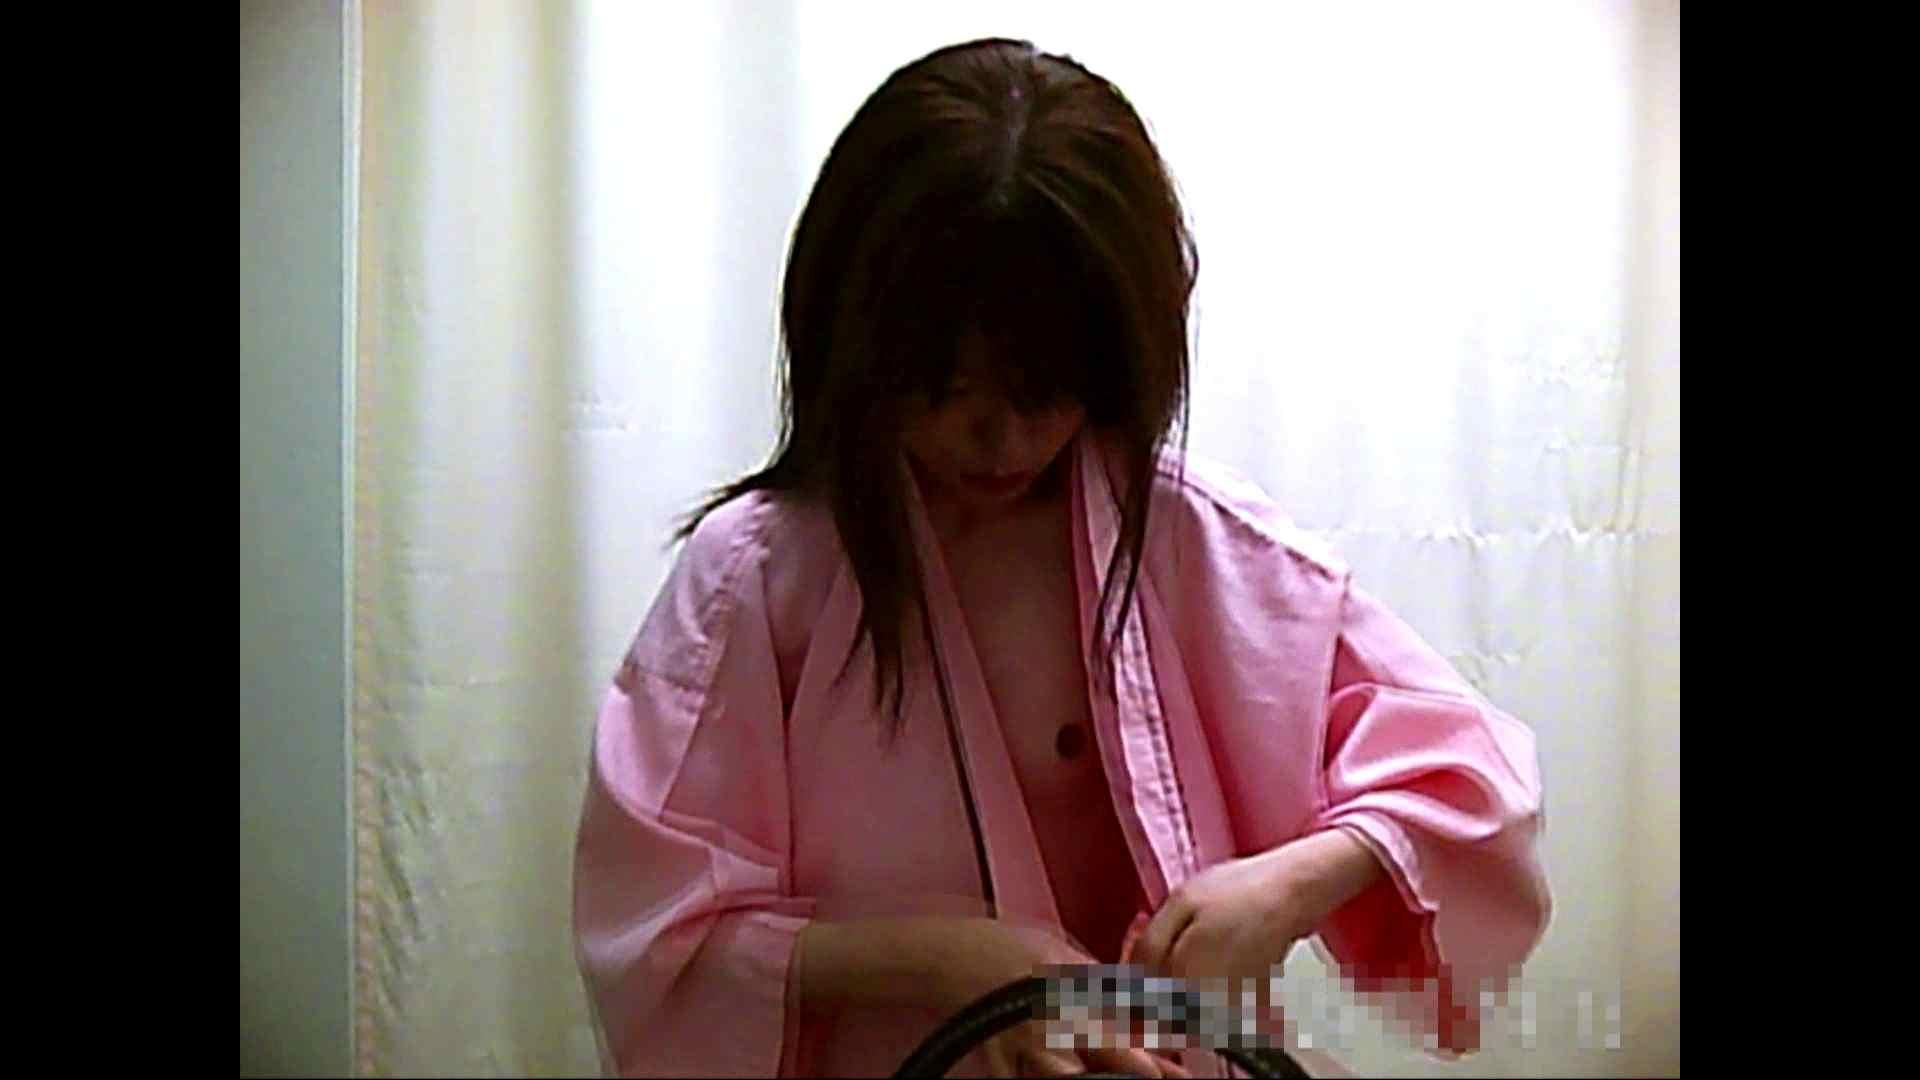 元医者による反抗 更衣室地獄絵巻 vol.010 ギャル  97PIX 42